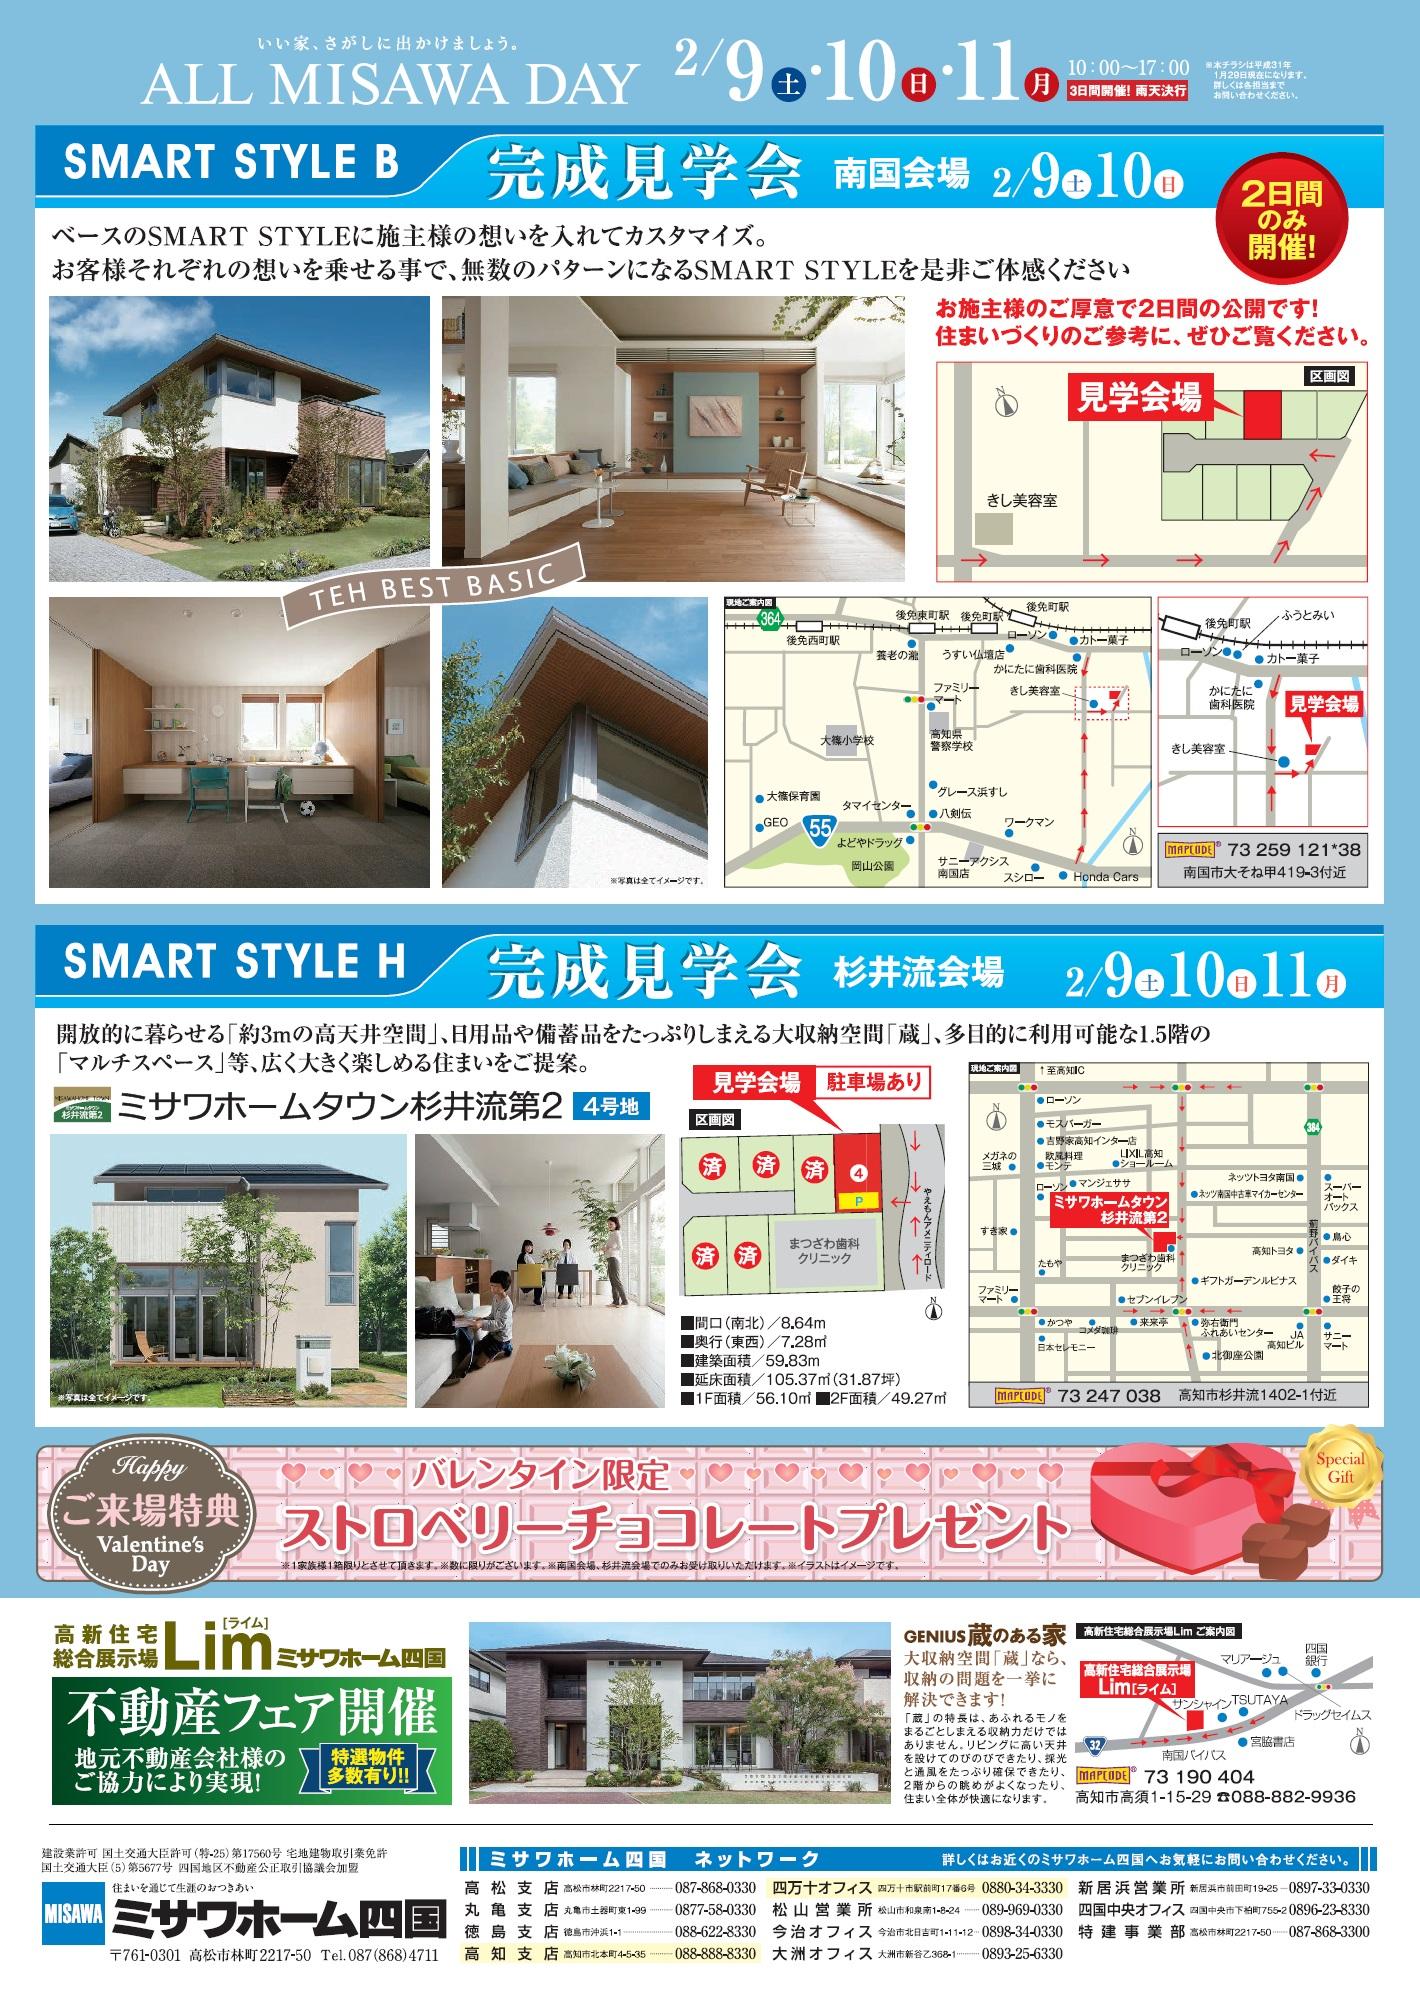 http://shikoku.misawa.co.jp/area_kouchi/%E8%A3%8F.jpg